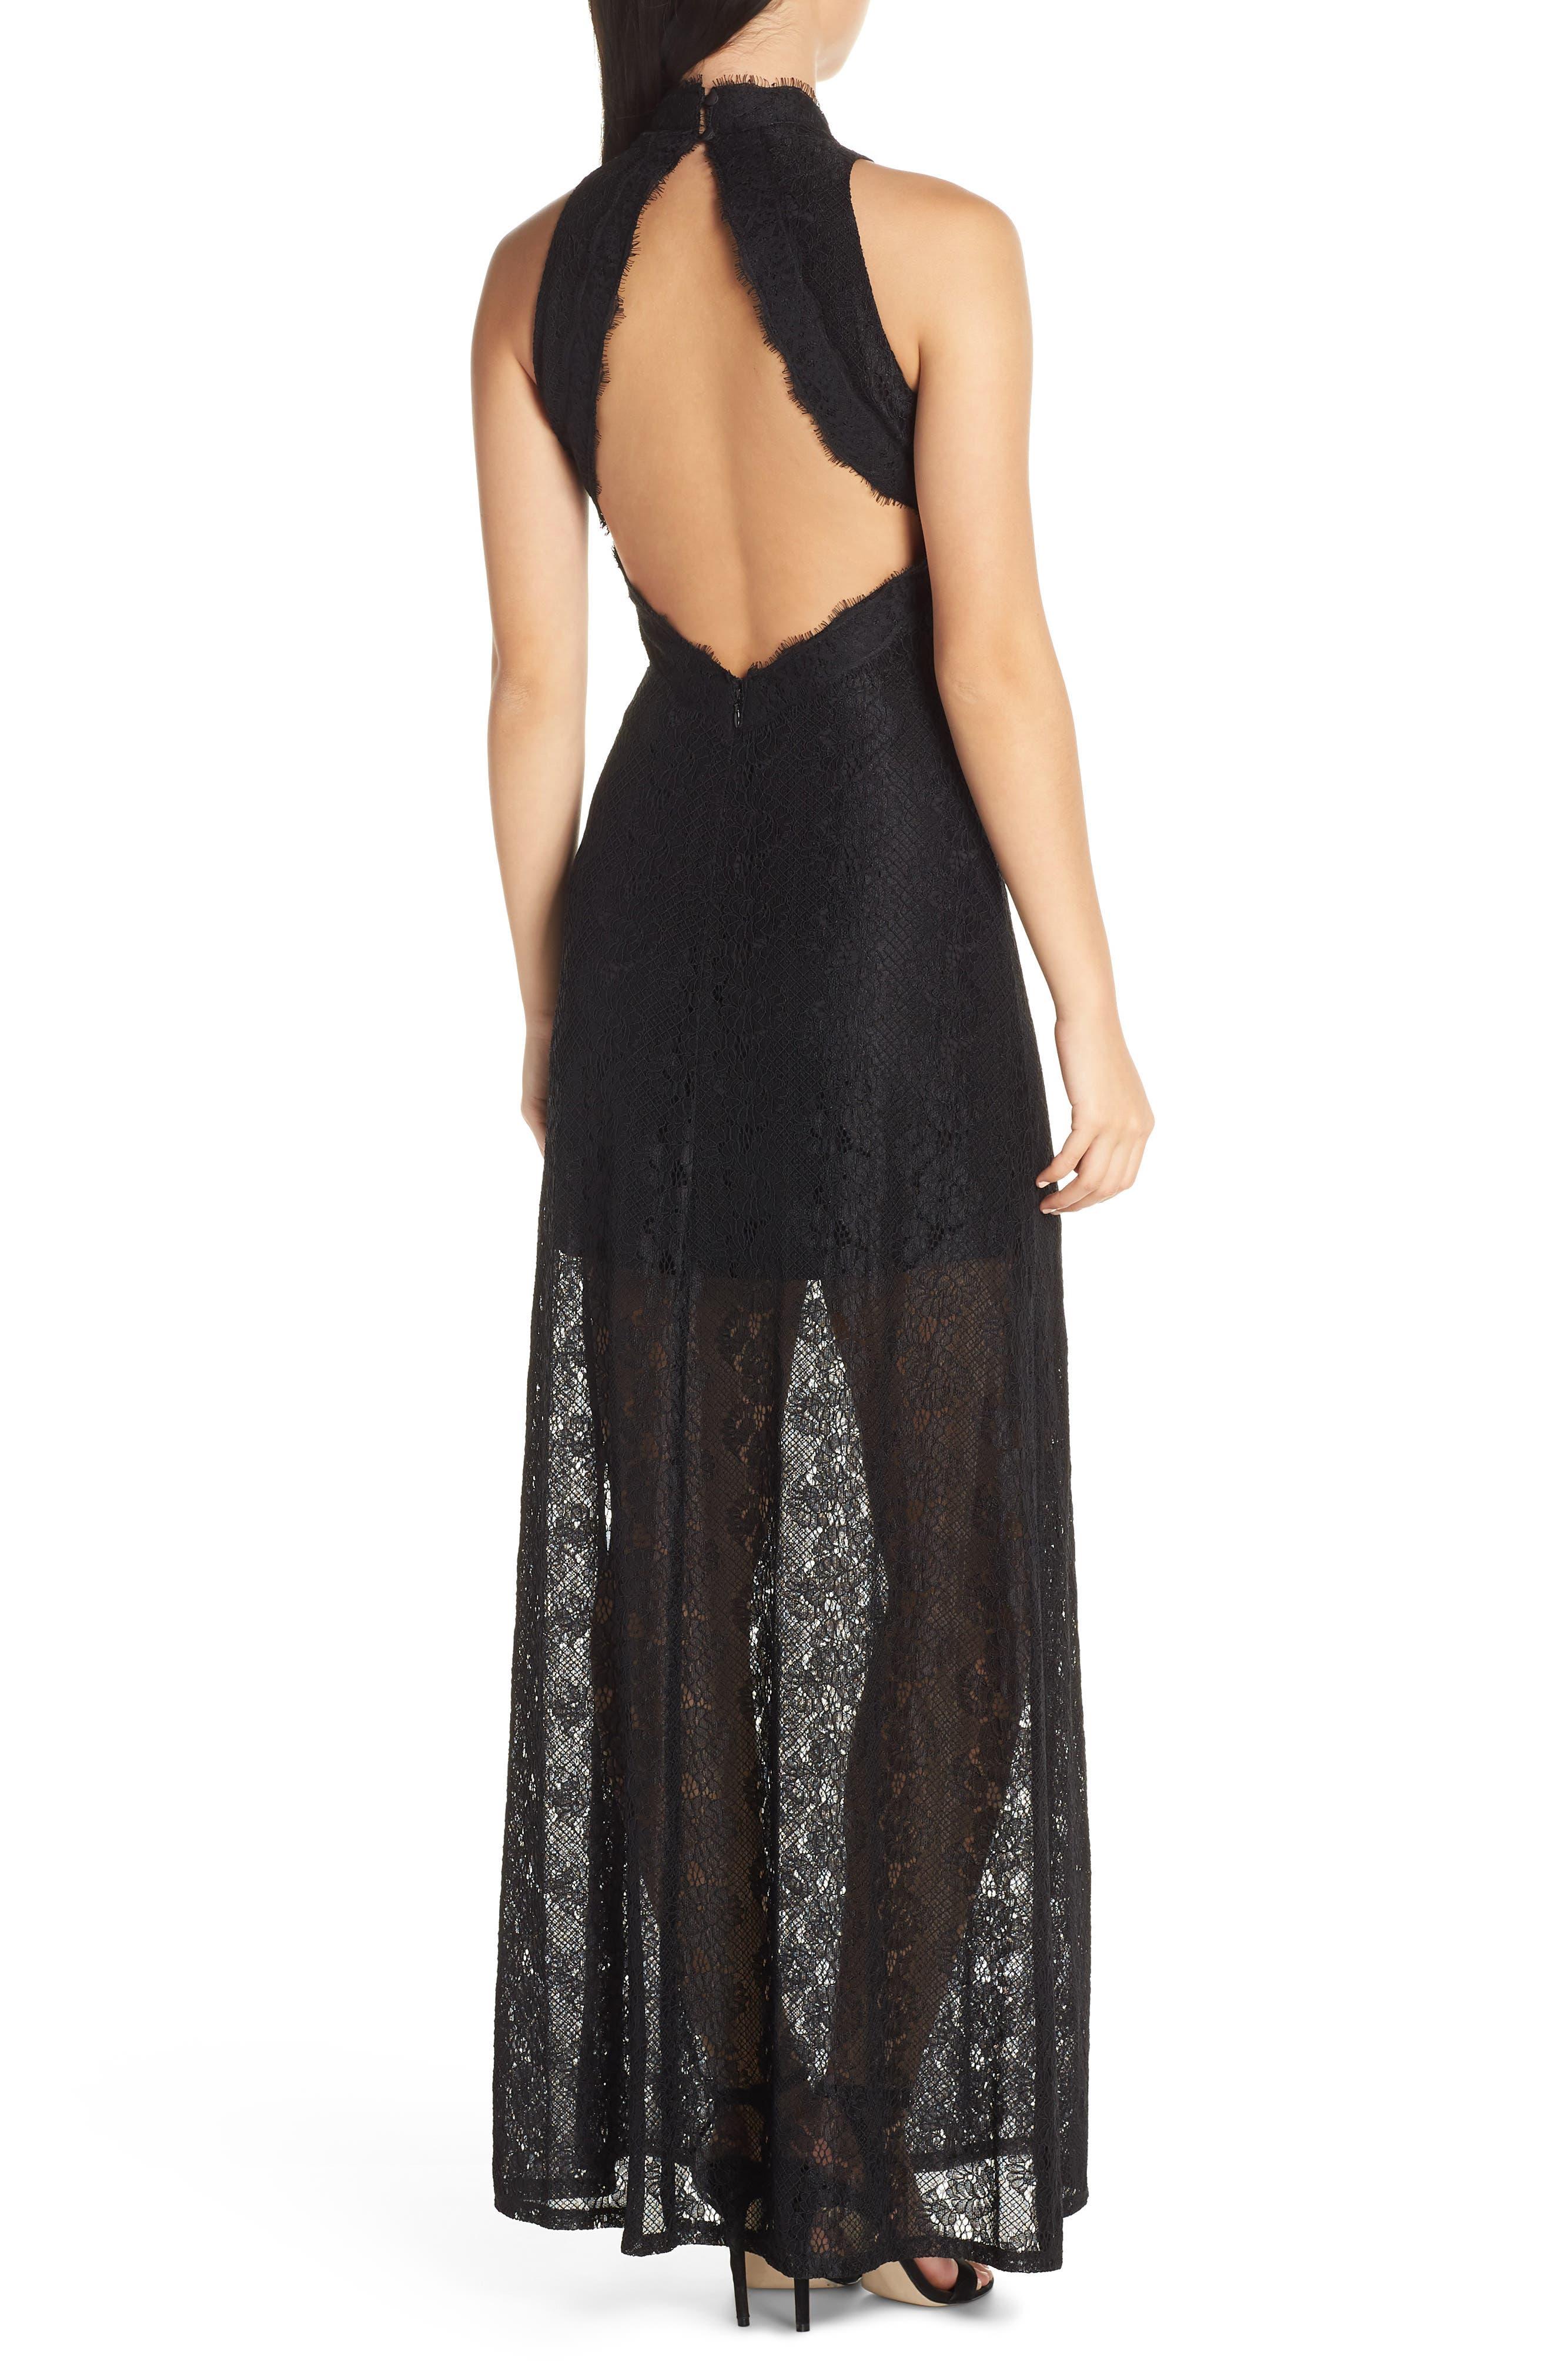 ALI & JAY, Return to Love Lace Maxi Dress, Alternate thumbnail 2, color, BLACK